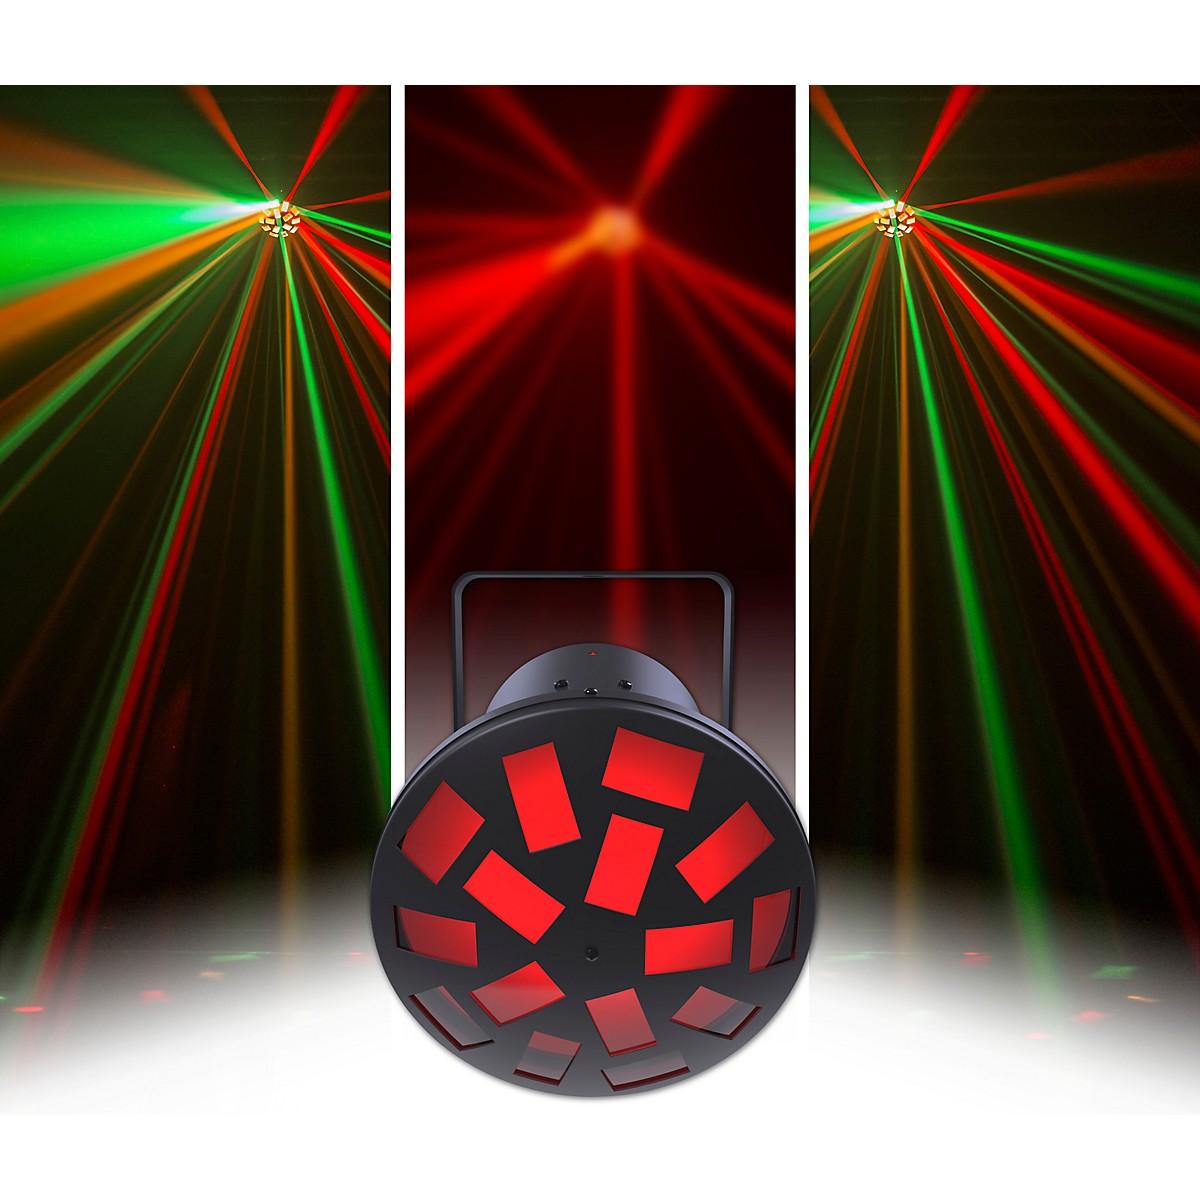 CHAUVET DJ LED Mushroom RGB Lighting Effect